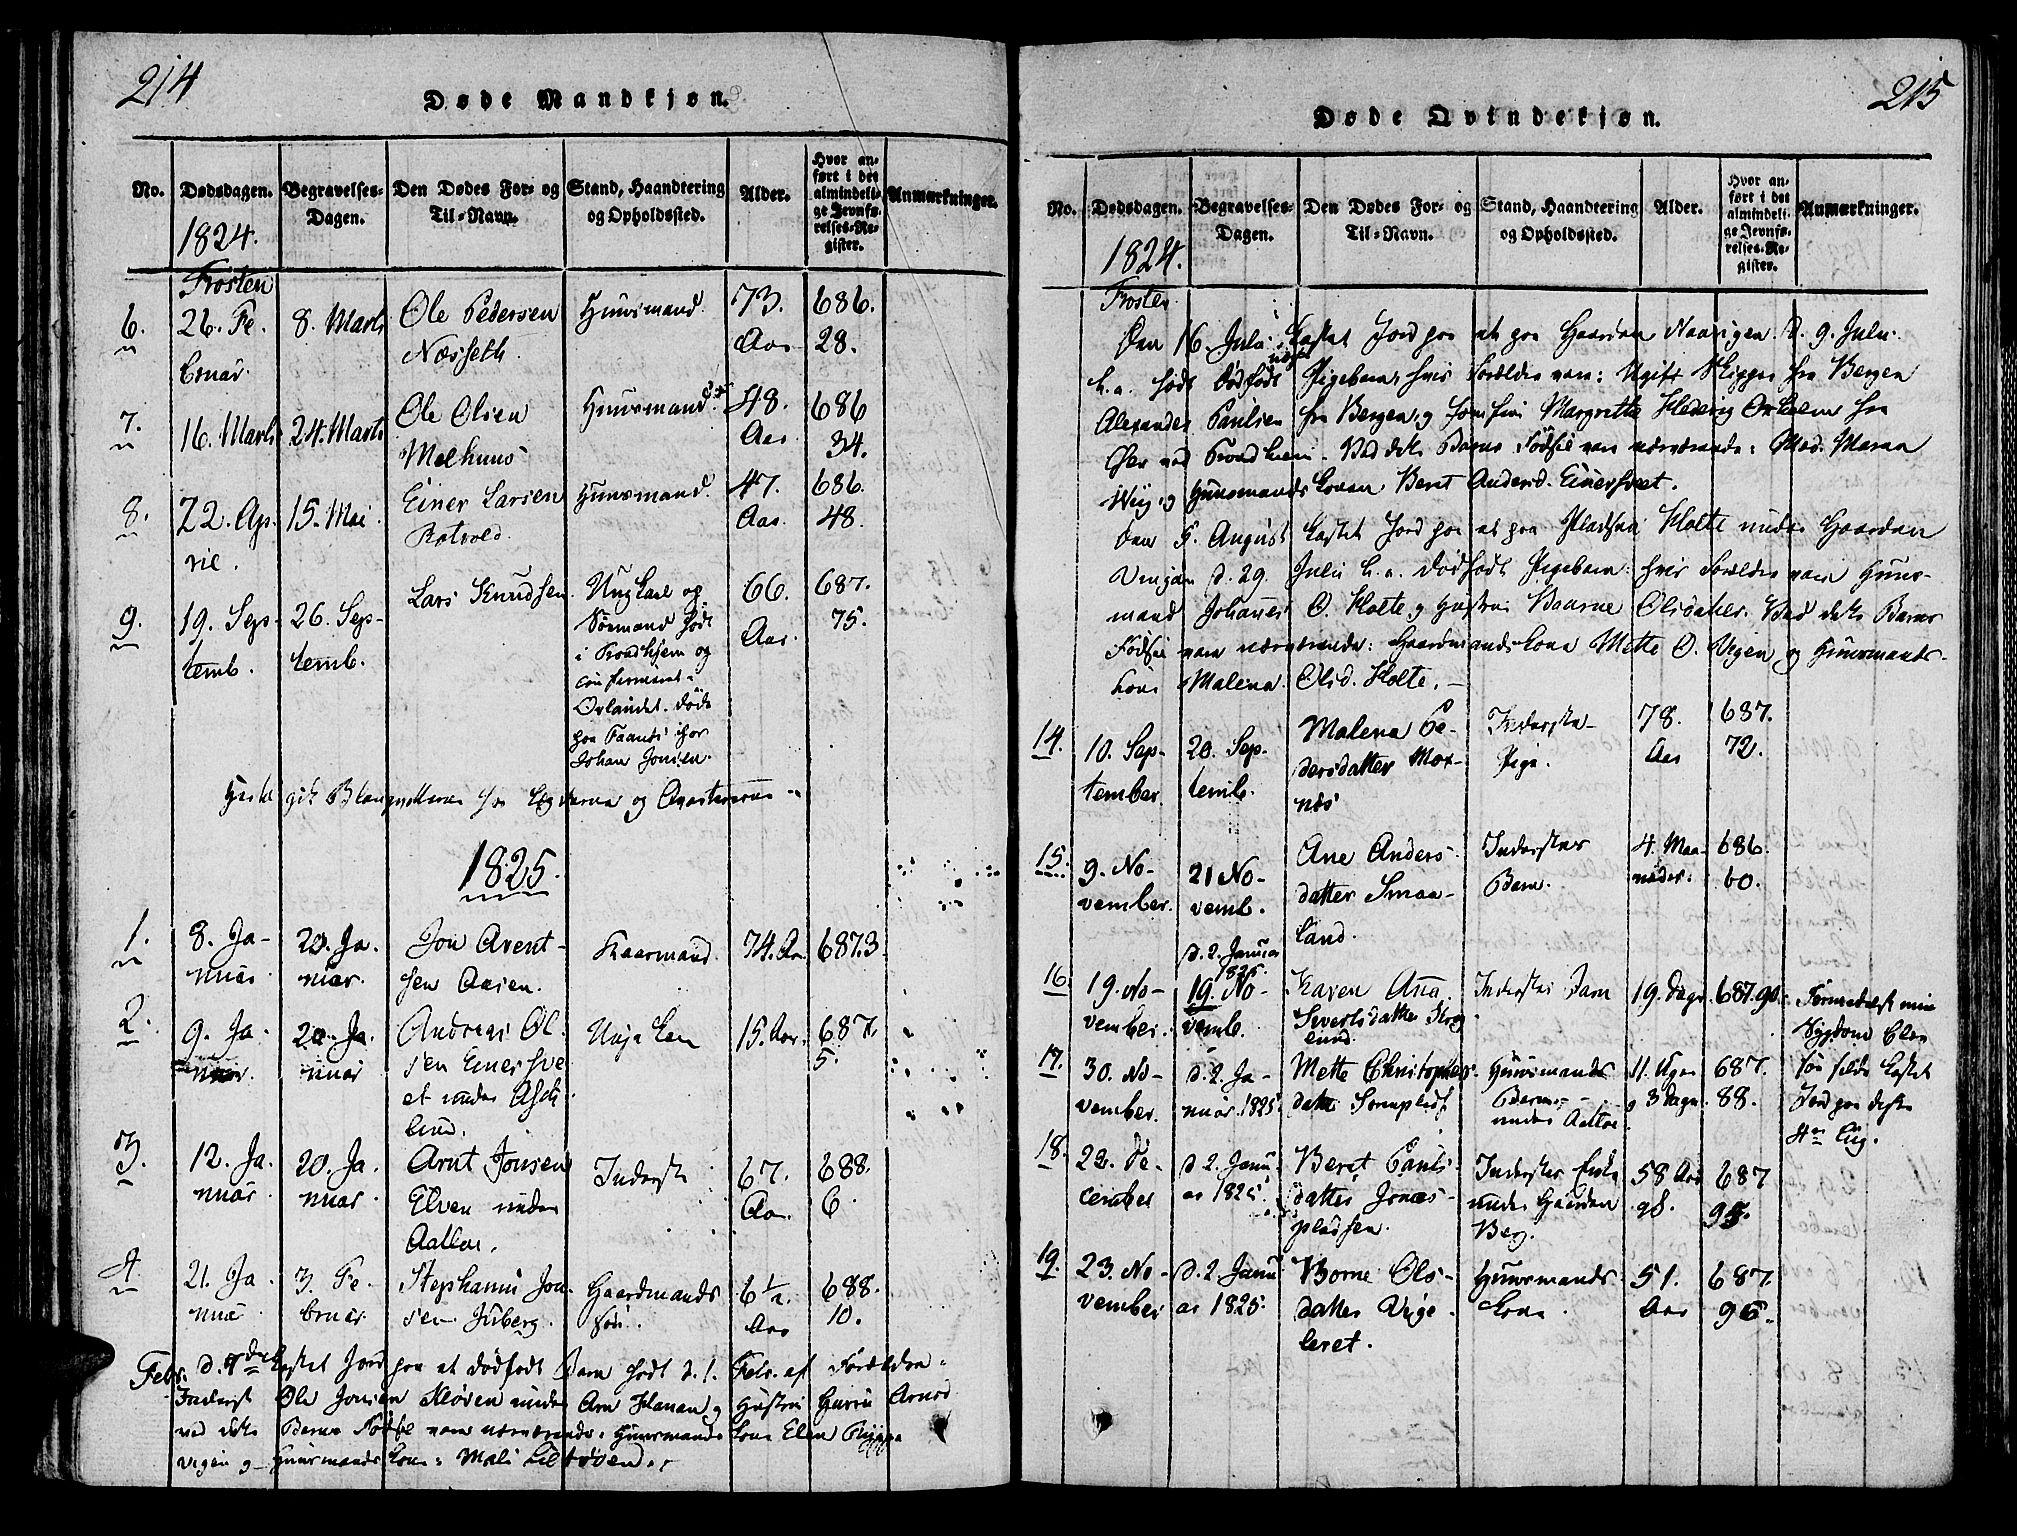 SAT, Ministerialprotokoller, klokkerbøker og fødselsregistre - Nord-Trøndelag, 713/L0112: Ministerialbok nr. 713A04 /1, 1817-1827, s. 214-215